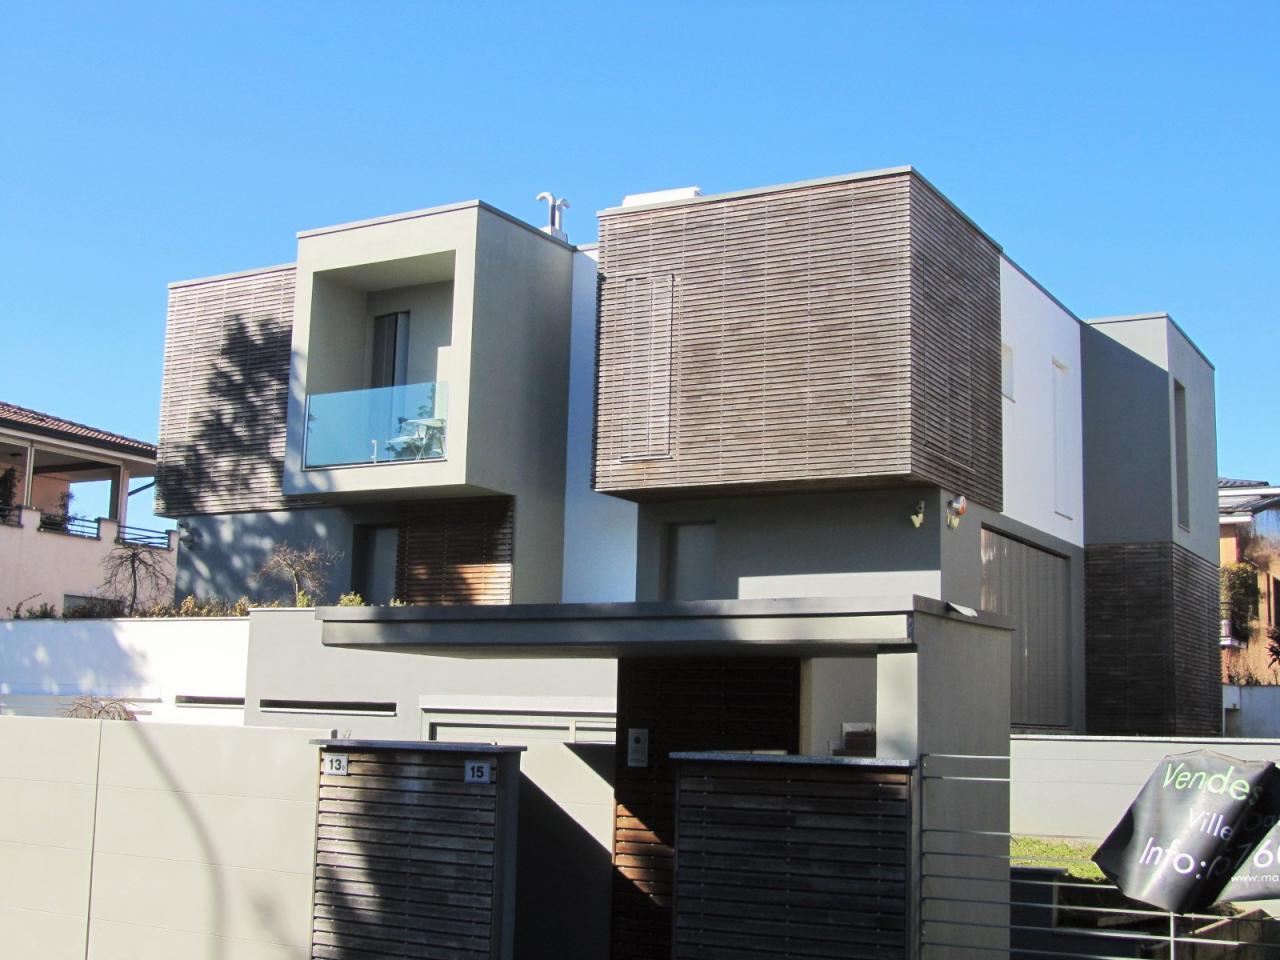 Villa in vendita a Opera, 4 locali, prezzo € 695.000 | PortaleAgenzieImmobiliari.it